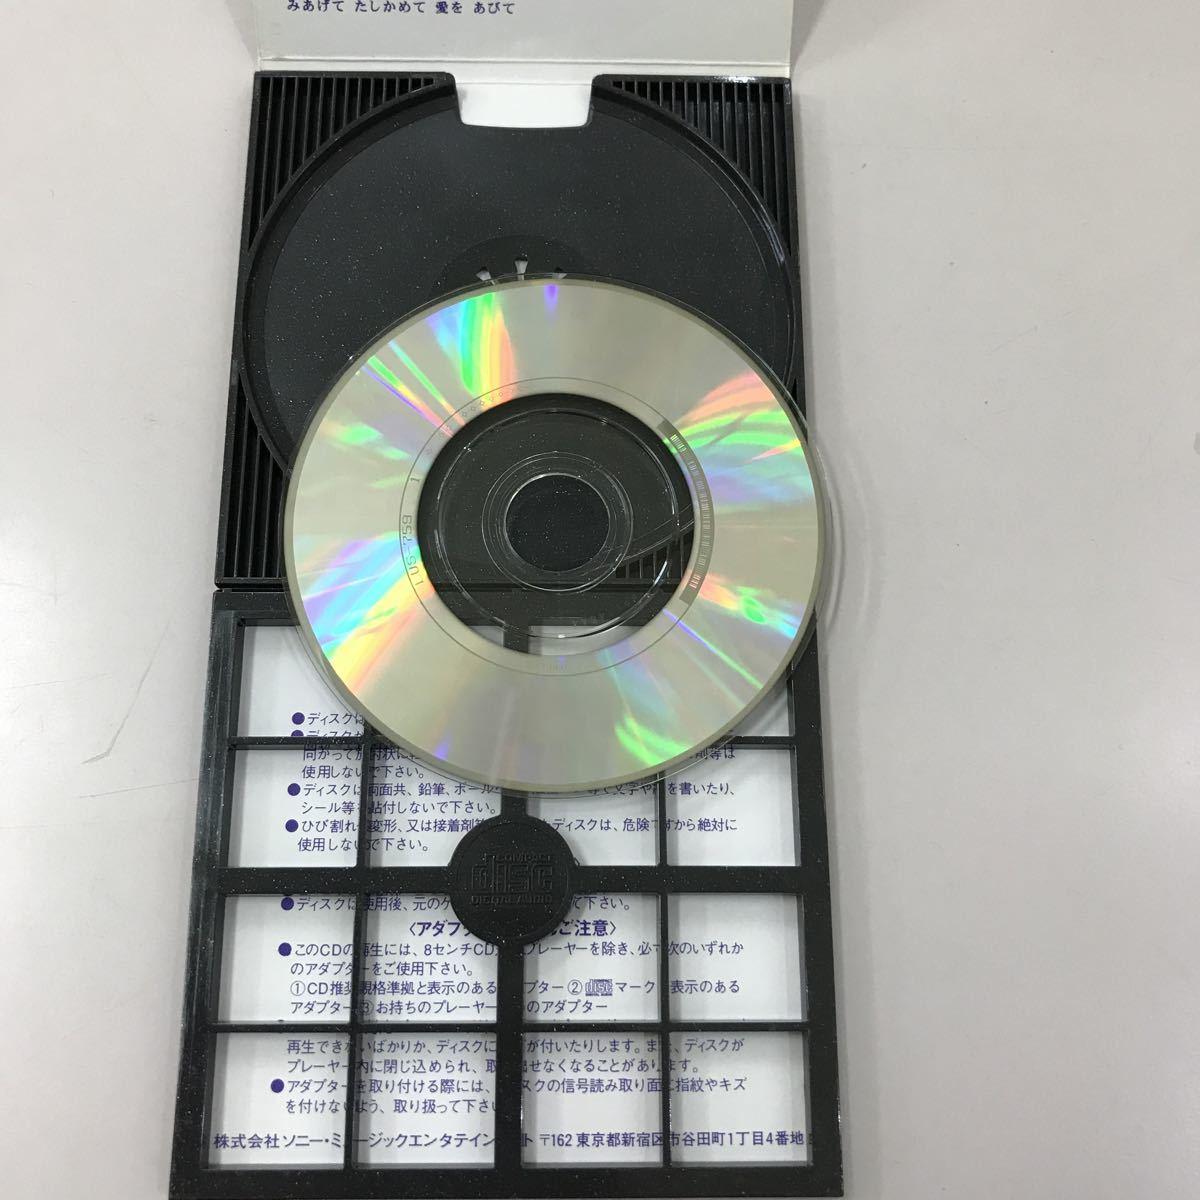 シングルCD 8センチ 中古【邦楽】長期保存品 CHARA 優しい気持ち